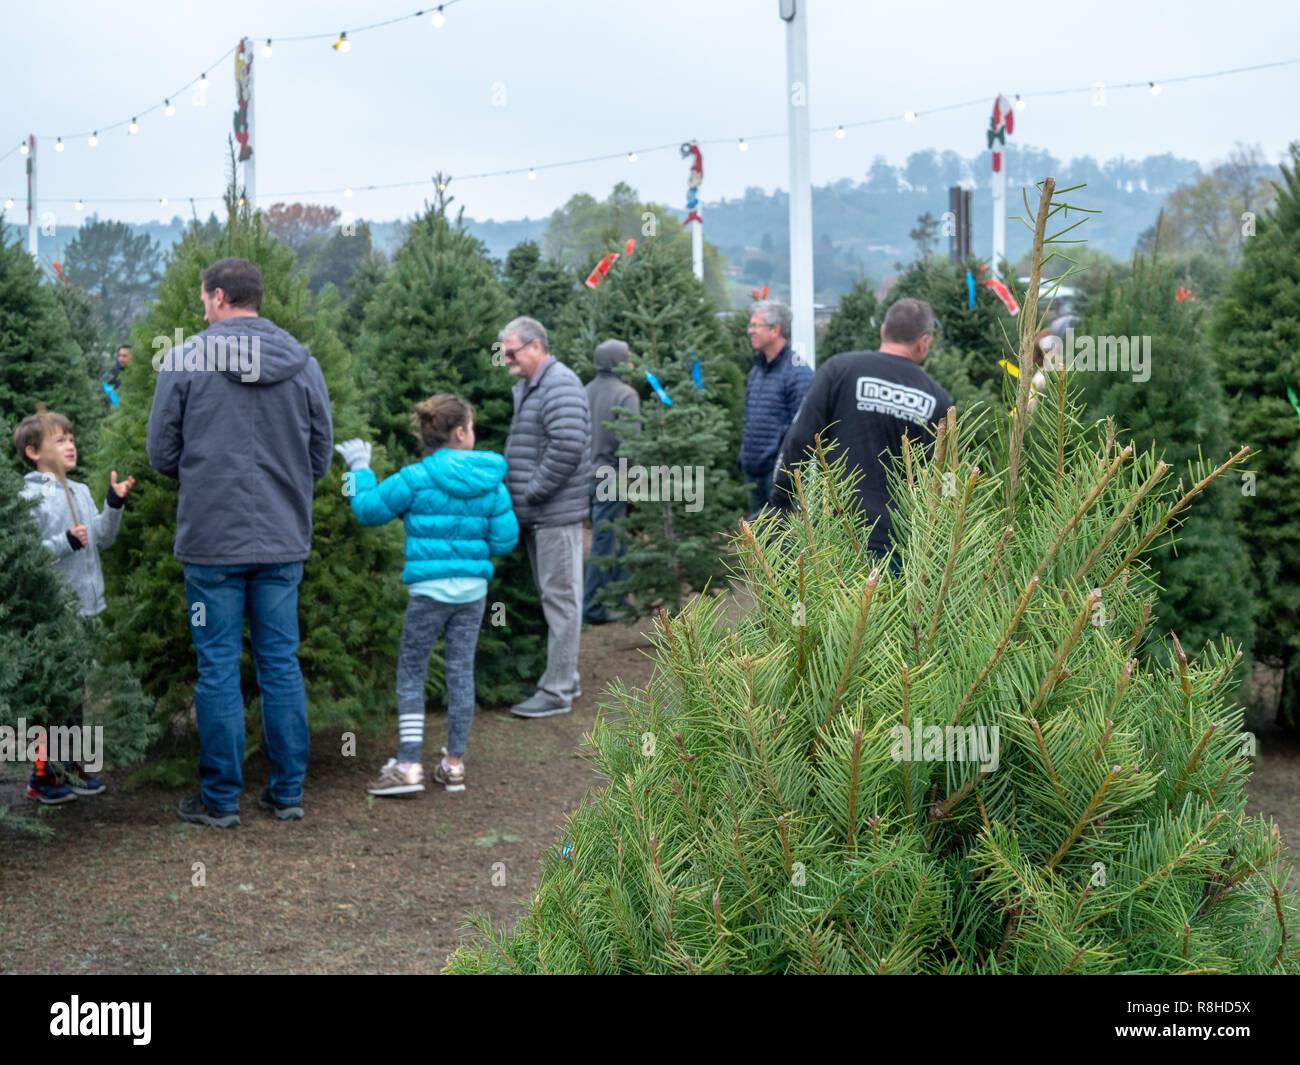 Käufer durchsuchen für natürliche Weihnachtsbäume an Pronzini baum Markt mit Baum im Vordergrund. Stockbild